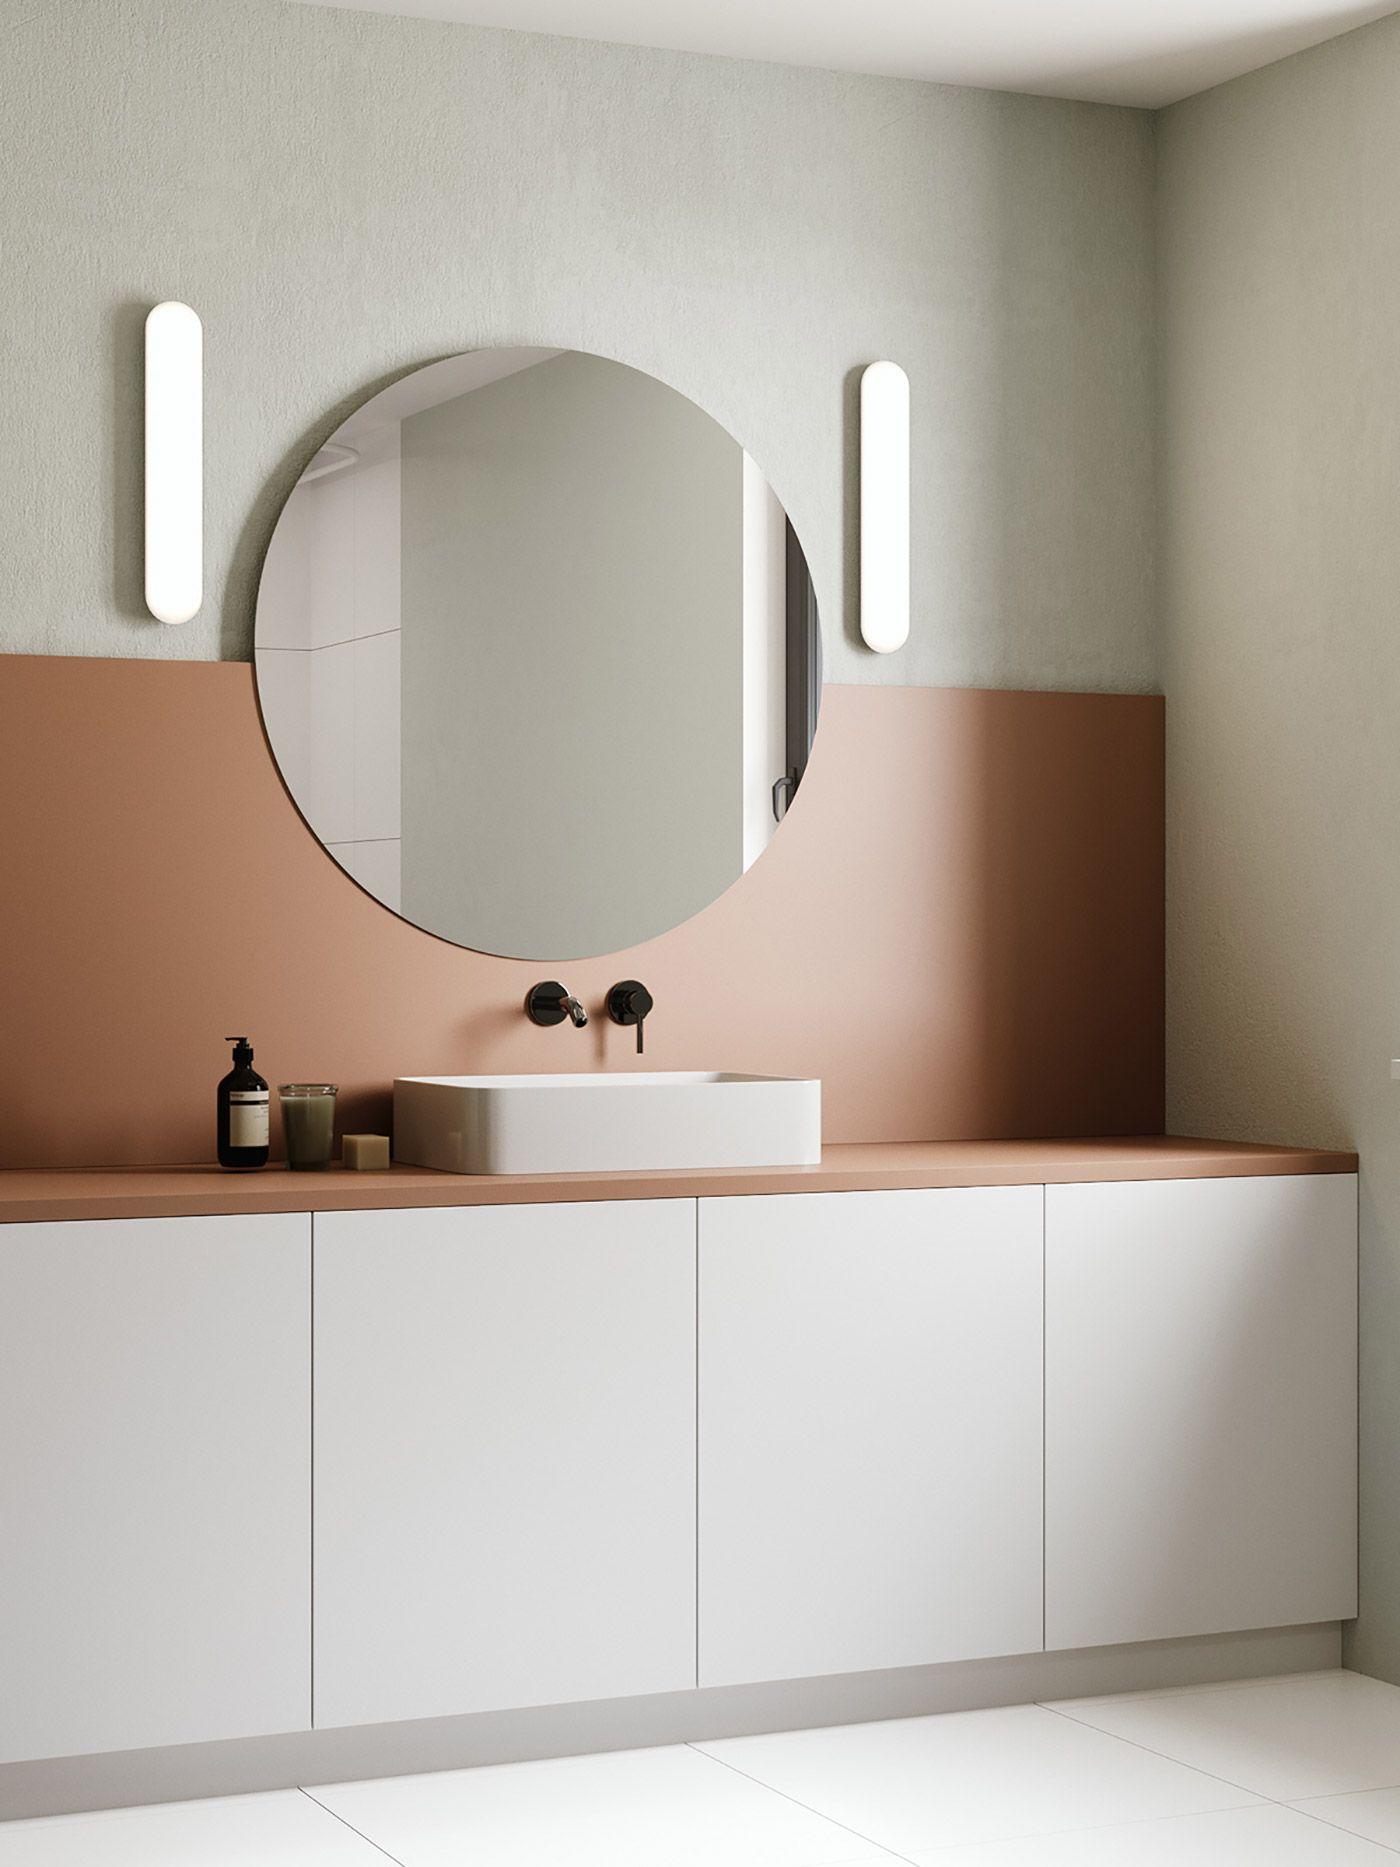 Modernes badezimmerdesign 2018 dgln interior design in   innenarchitektur  pinterest